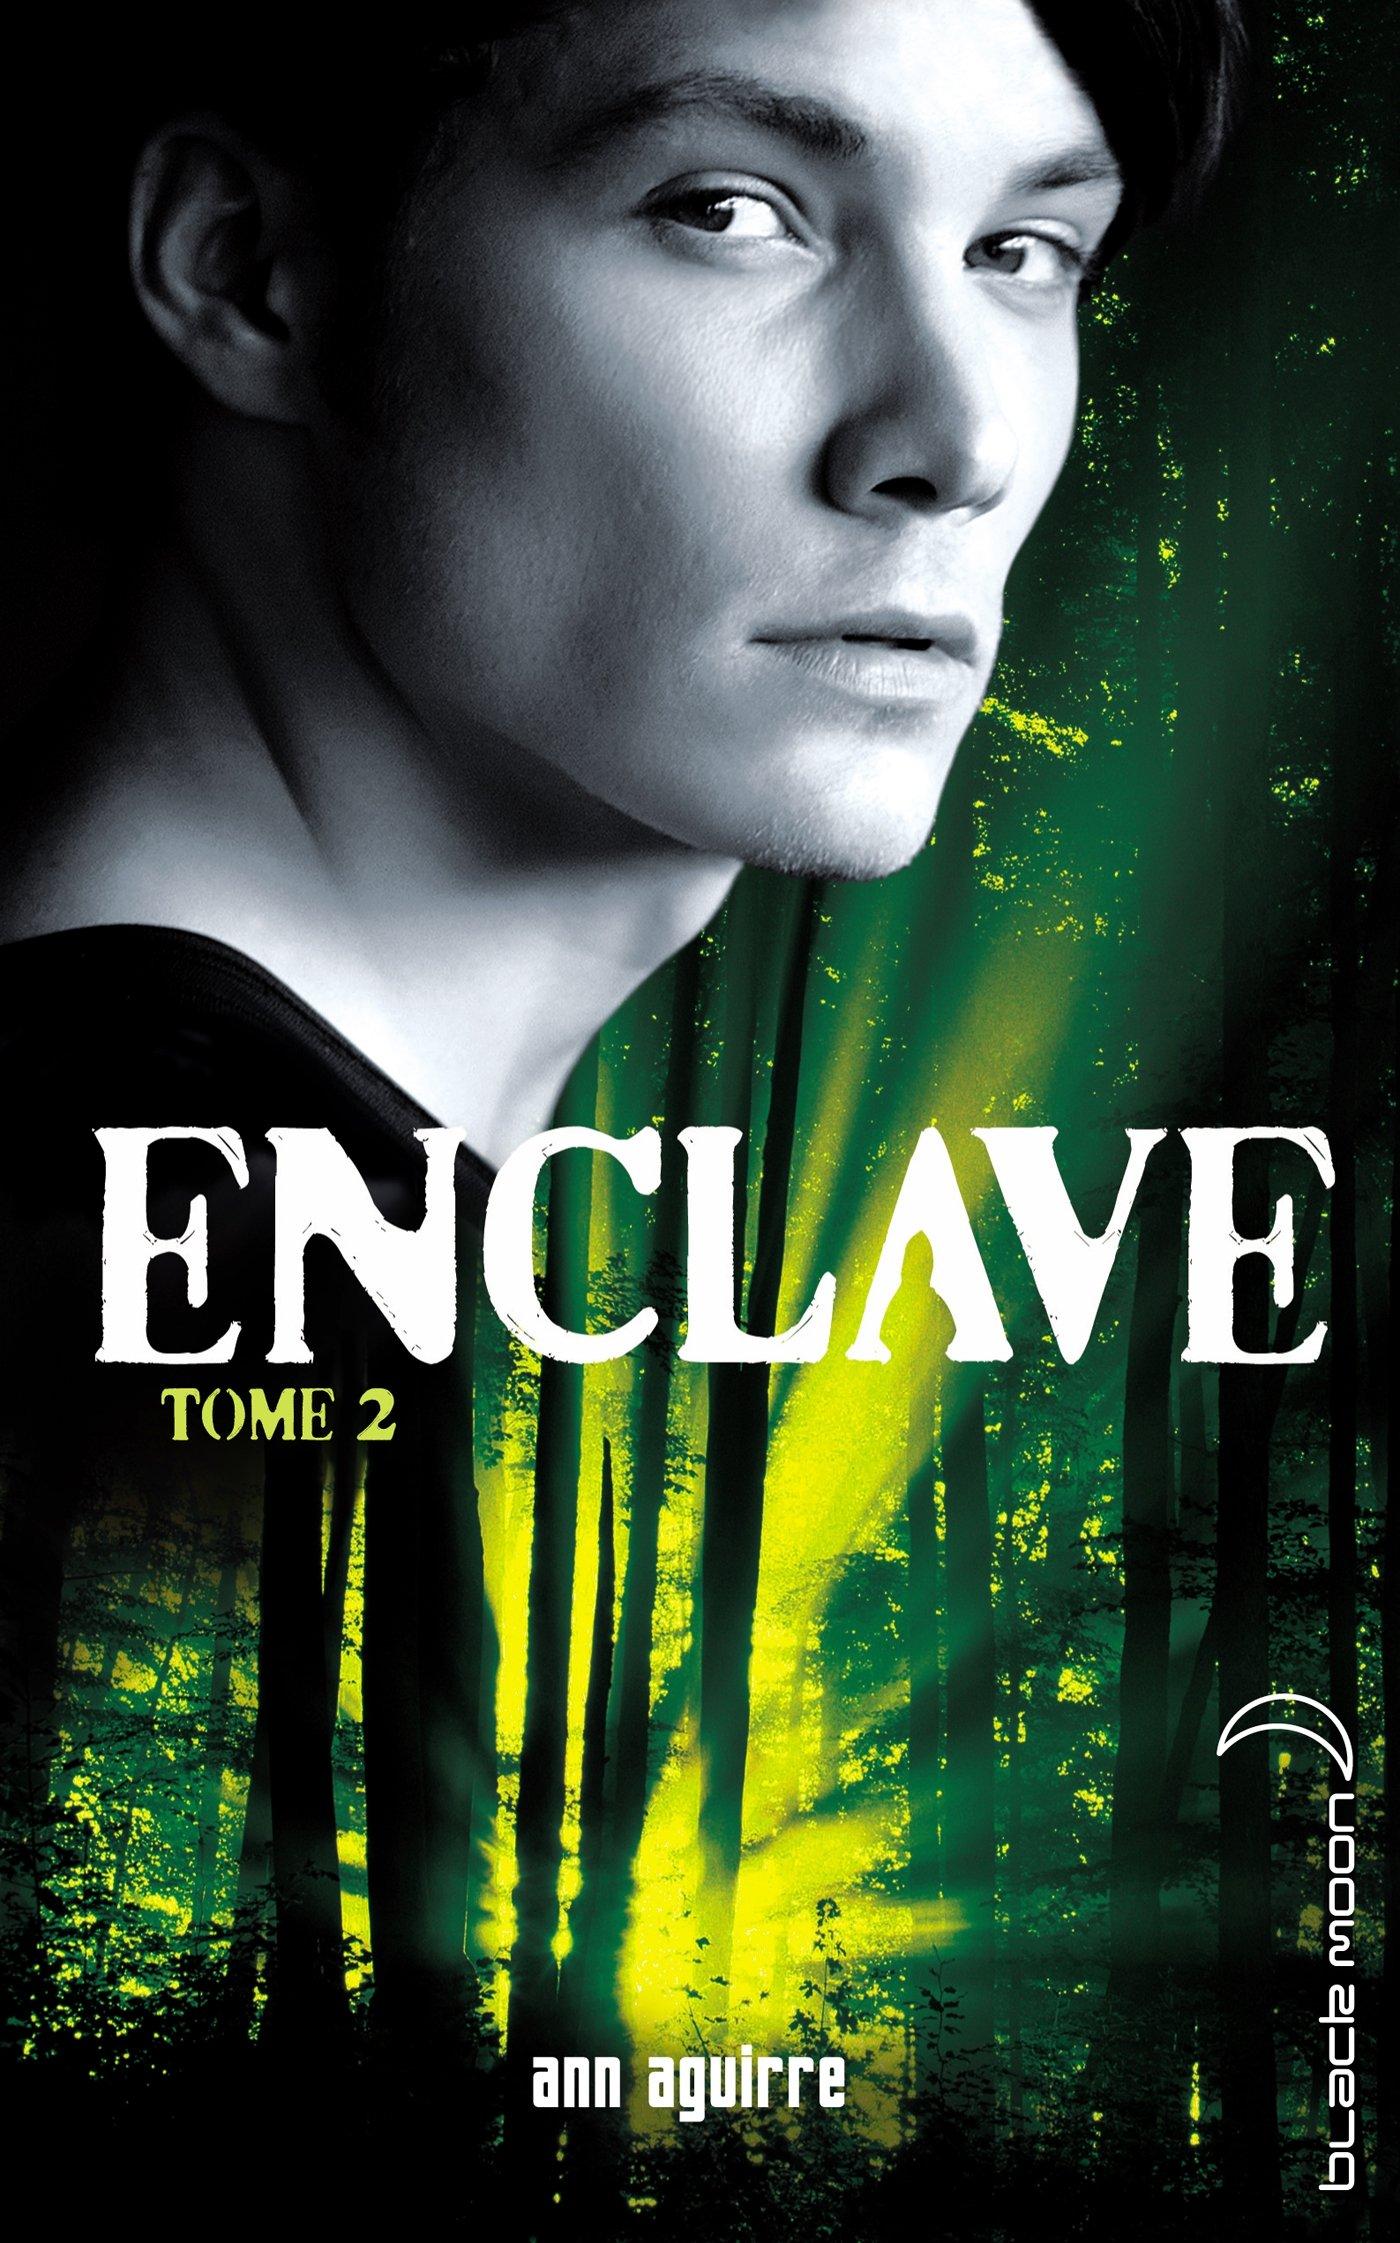 Enclave - Ann Aguirre 81Pz0mOa7vL